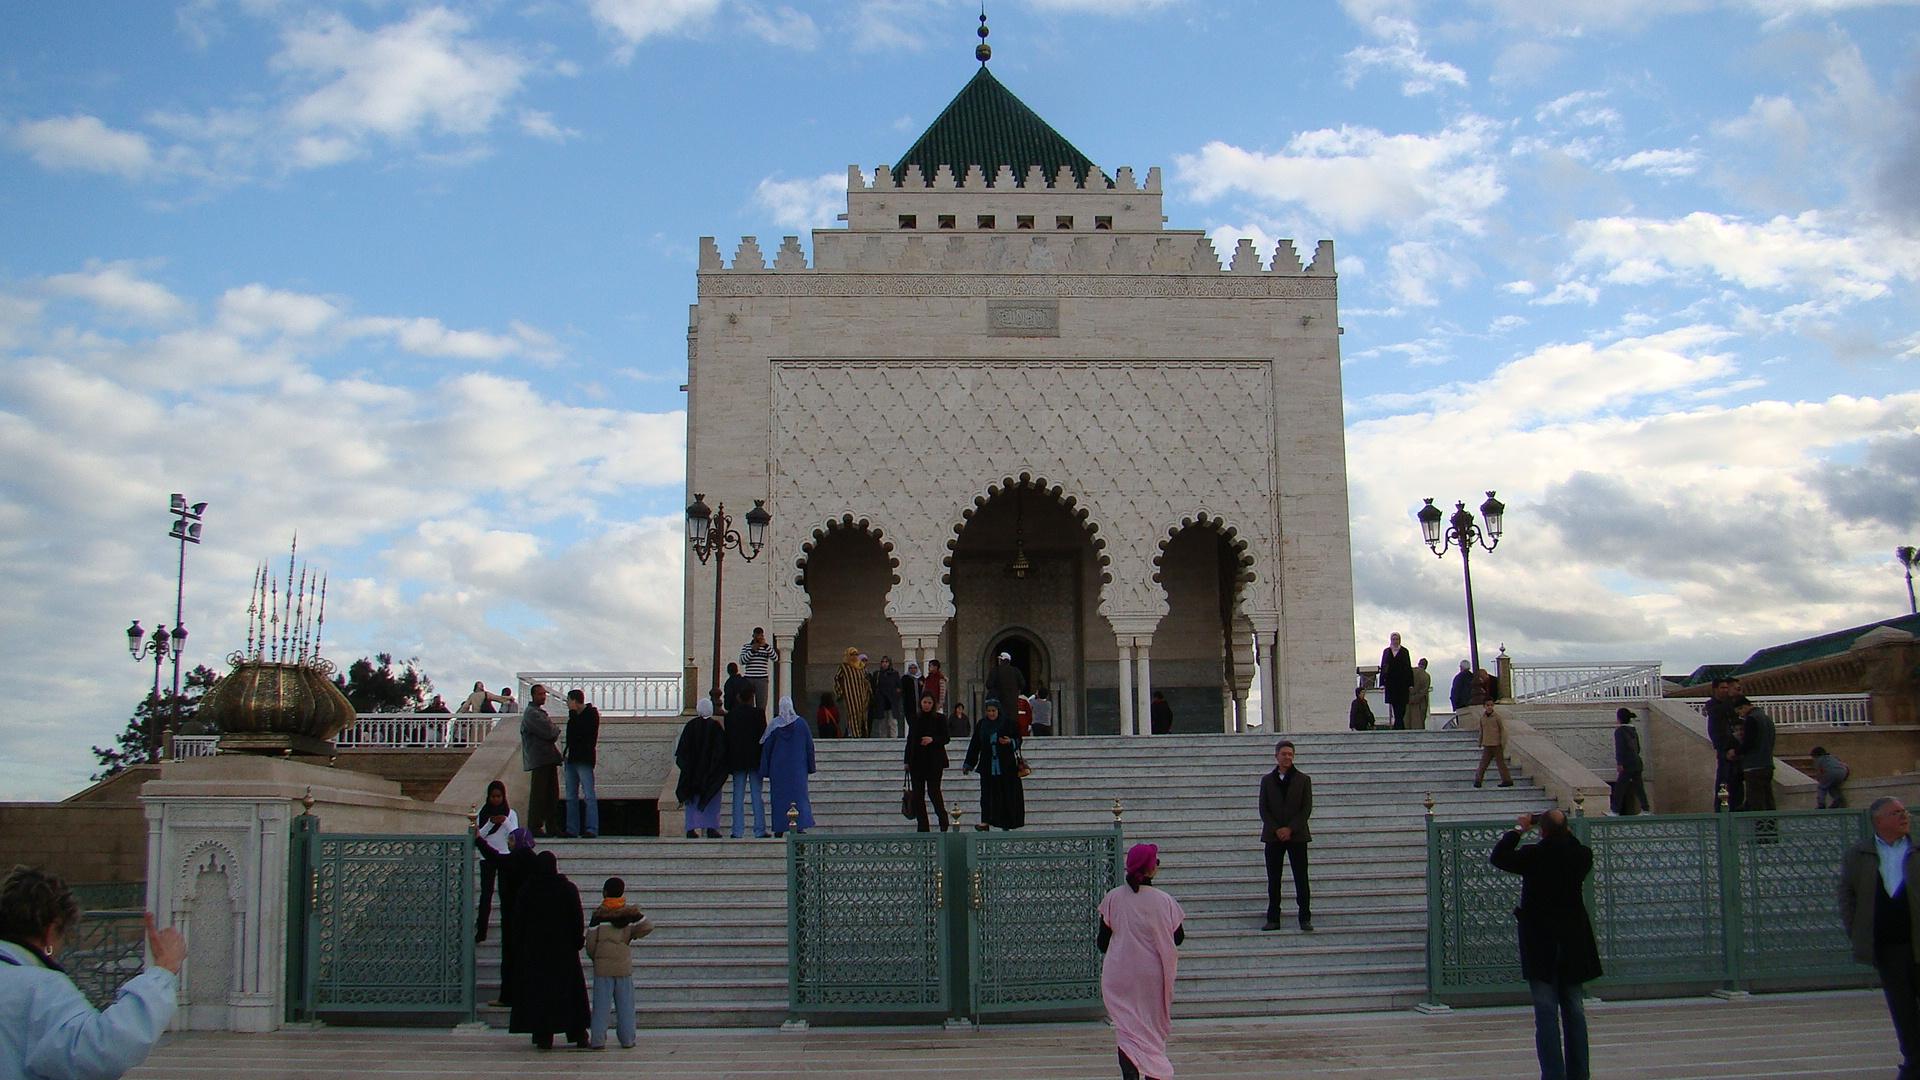 สุเหร่า โมฮัมเหม็ด ที่ 5 เมืองราบัต ประเทศ โมรอคโค